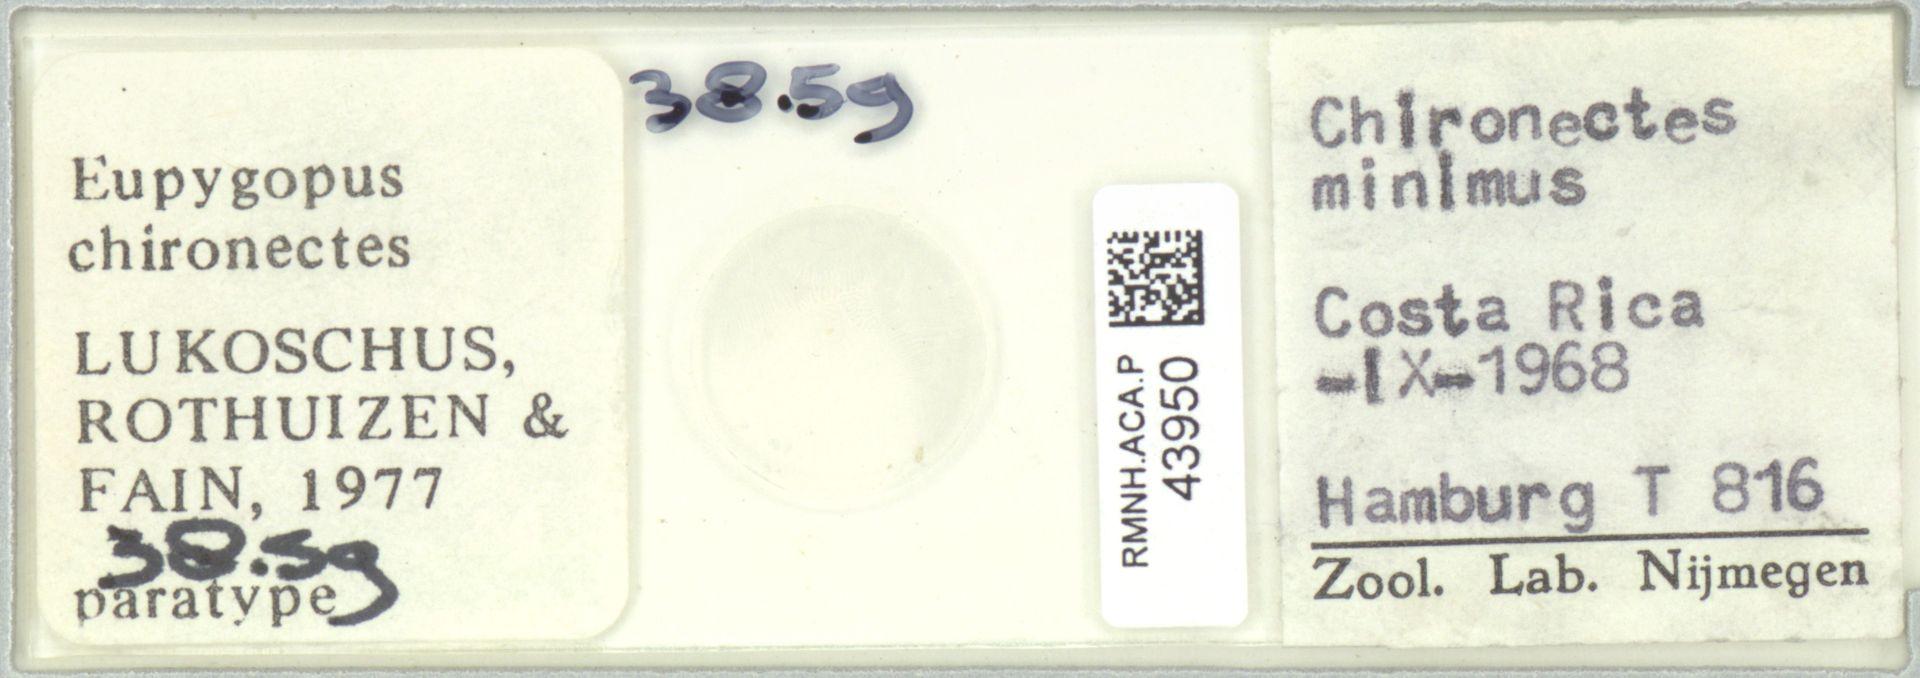 RMNH.ACA.P.43950   Eupygopus chironectes Lukoschus, Rothuizen & Fain, 1977